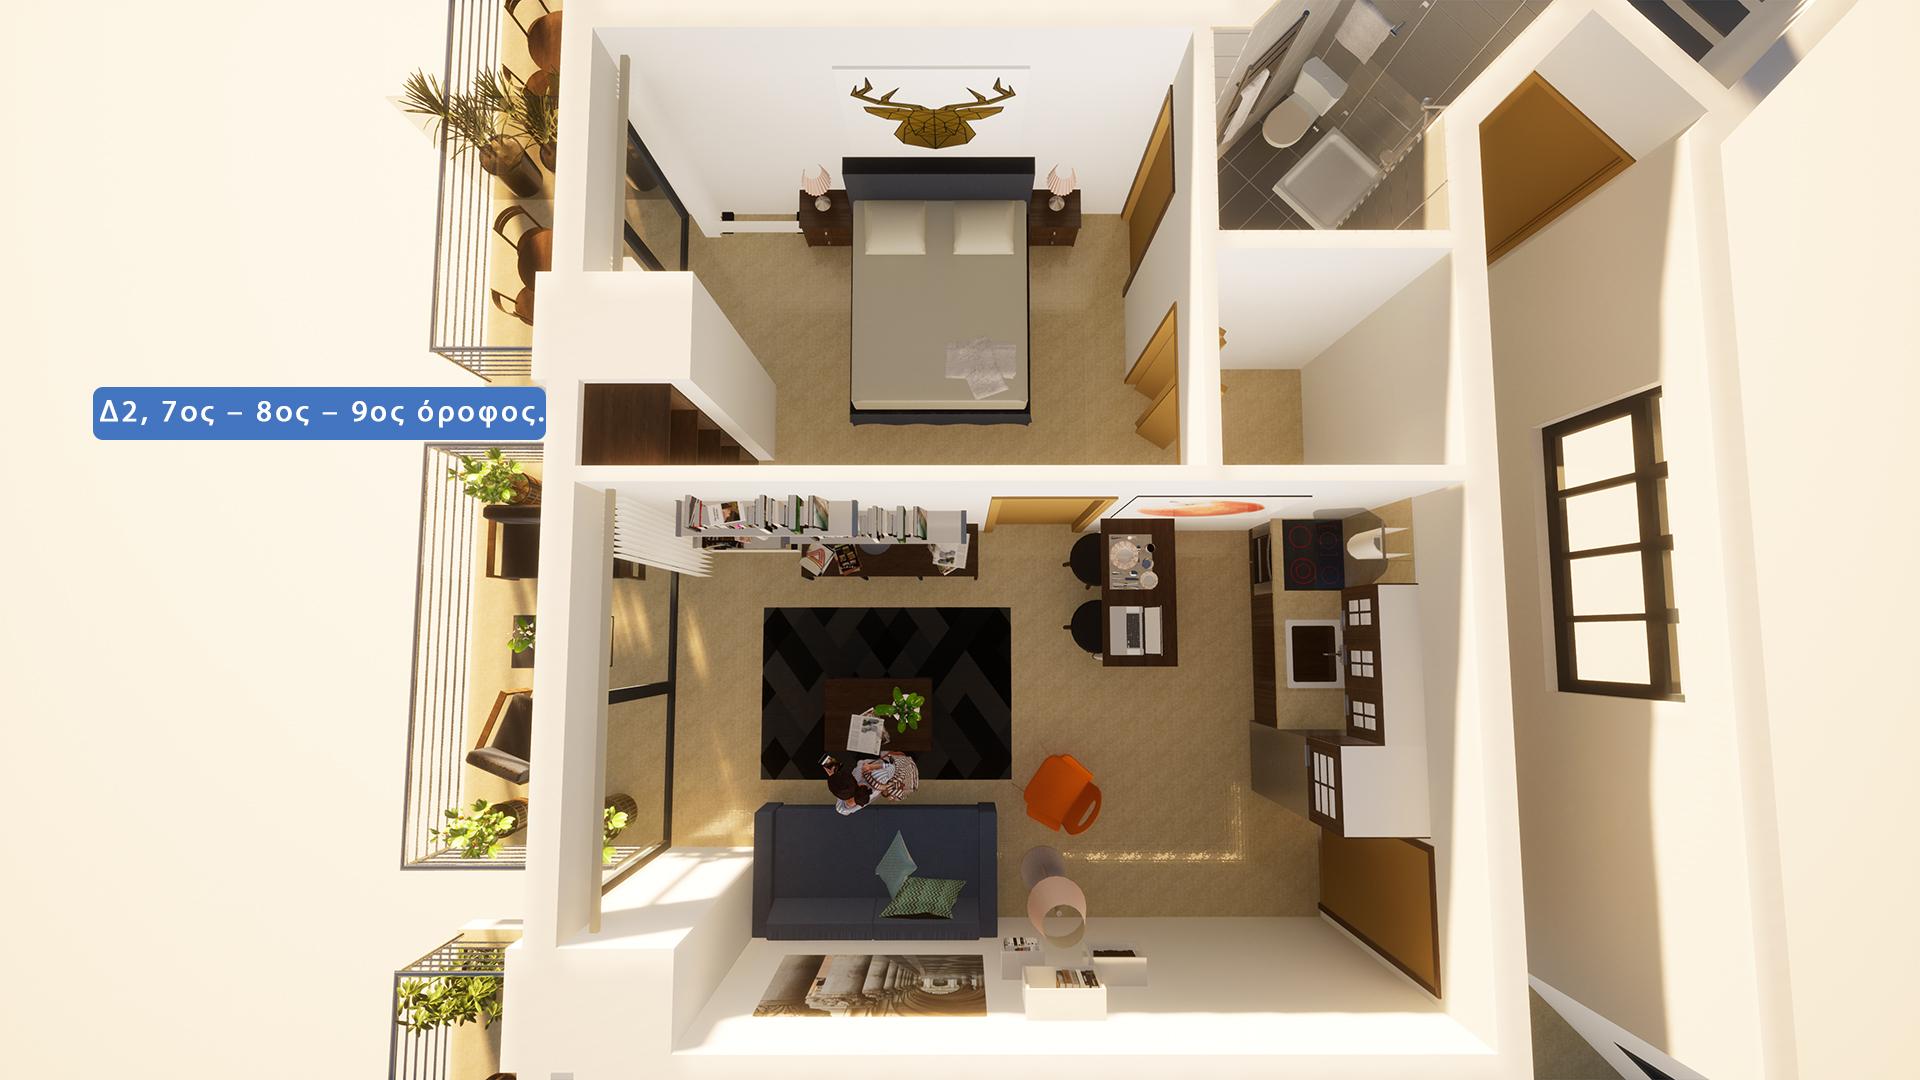 Δ2, (7ος - 8ος - 9ος) όροφος